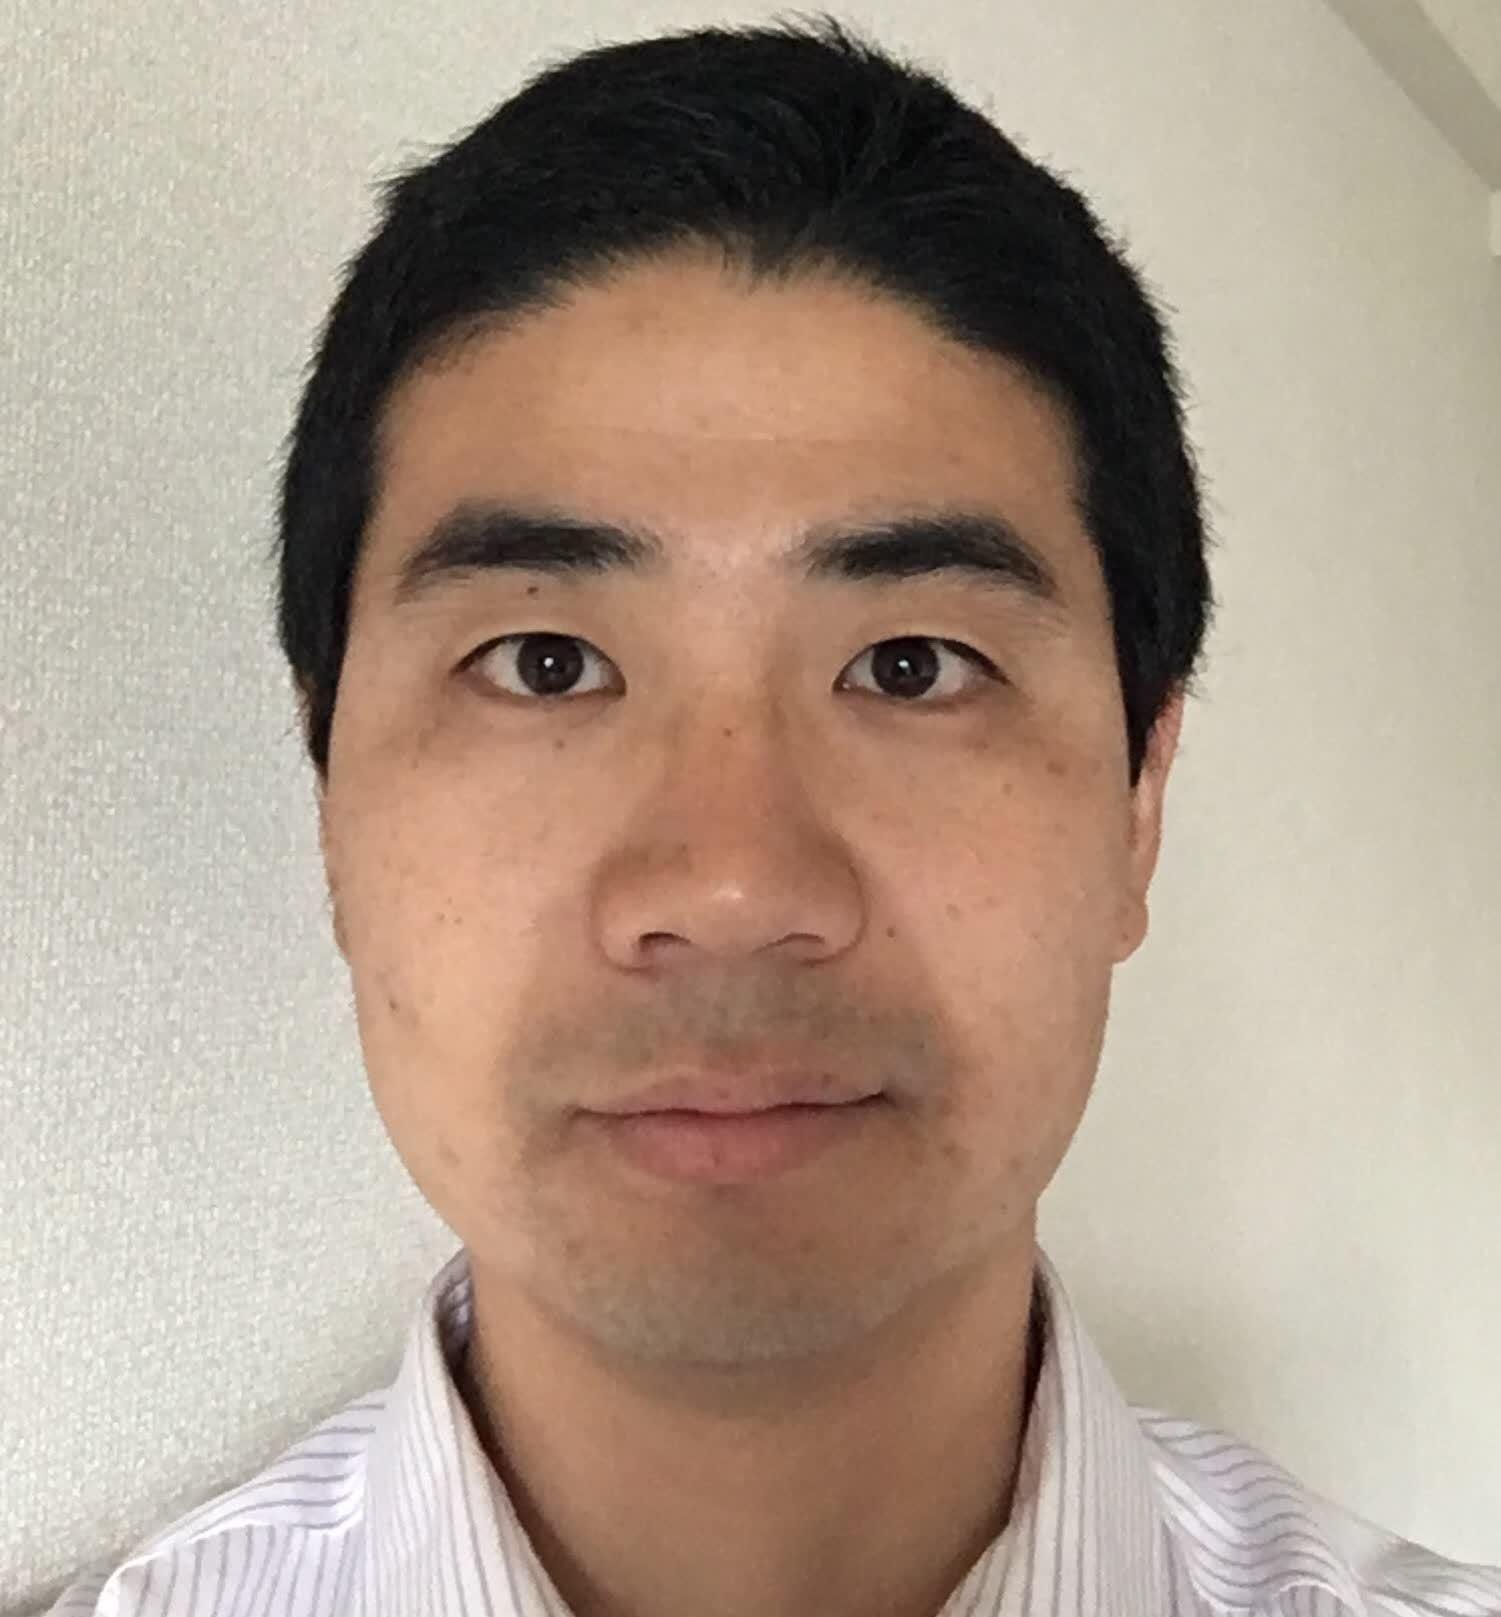 Kohei Tamura